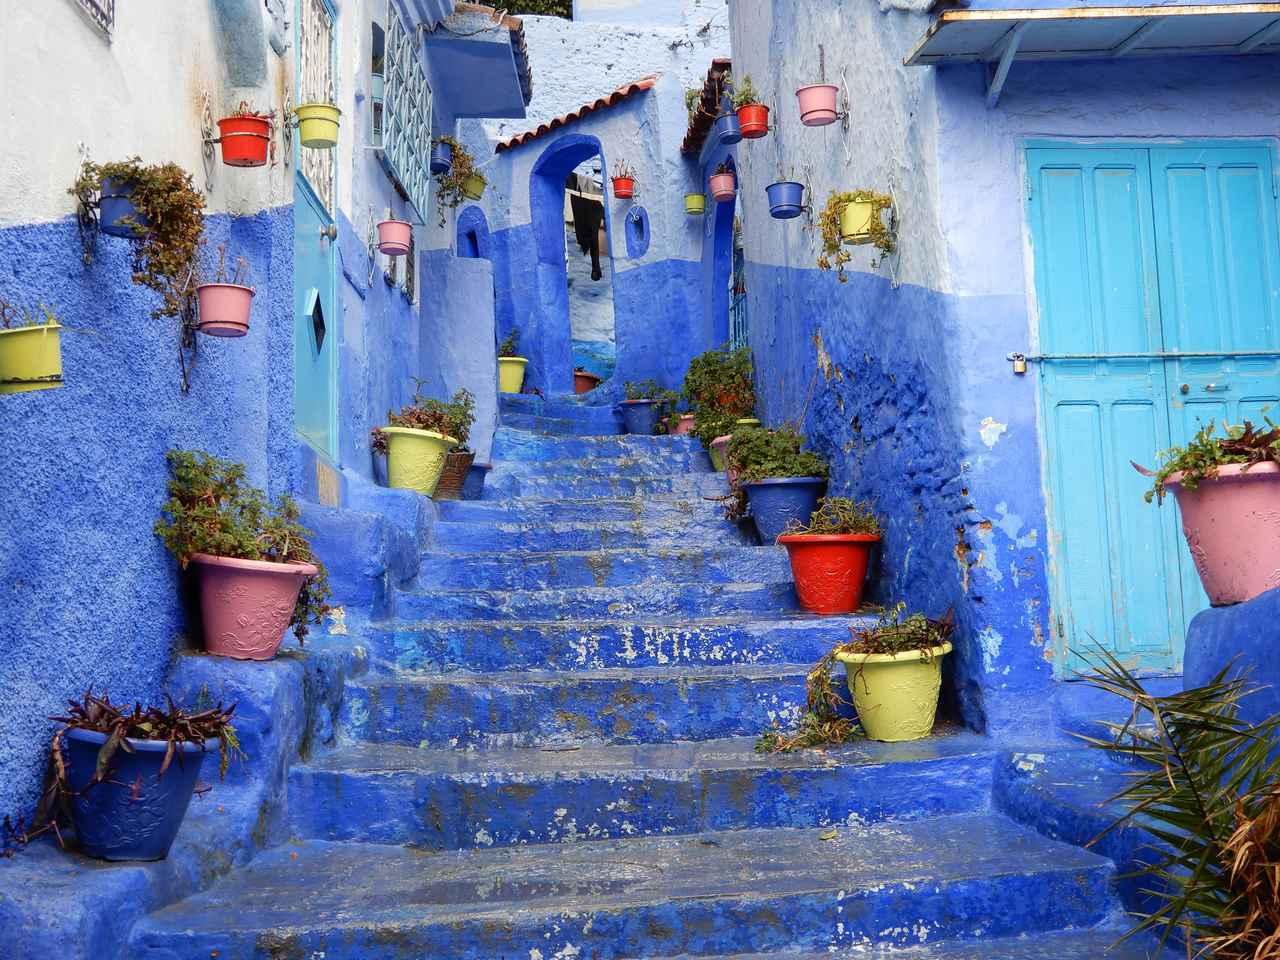 画像: 【モロッコ】青の街シャウエンから生中継♪オンラインツアーを実施しました! - クラブログ ~スタッフブログ~ クラブツーリズム